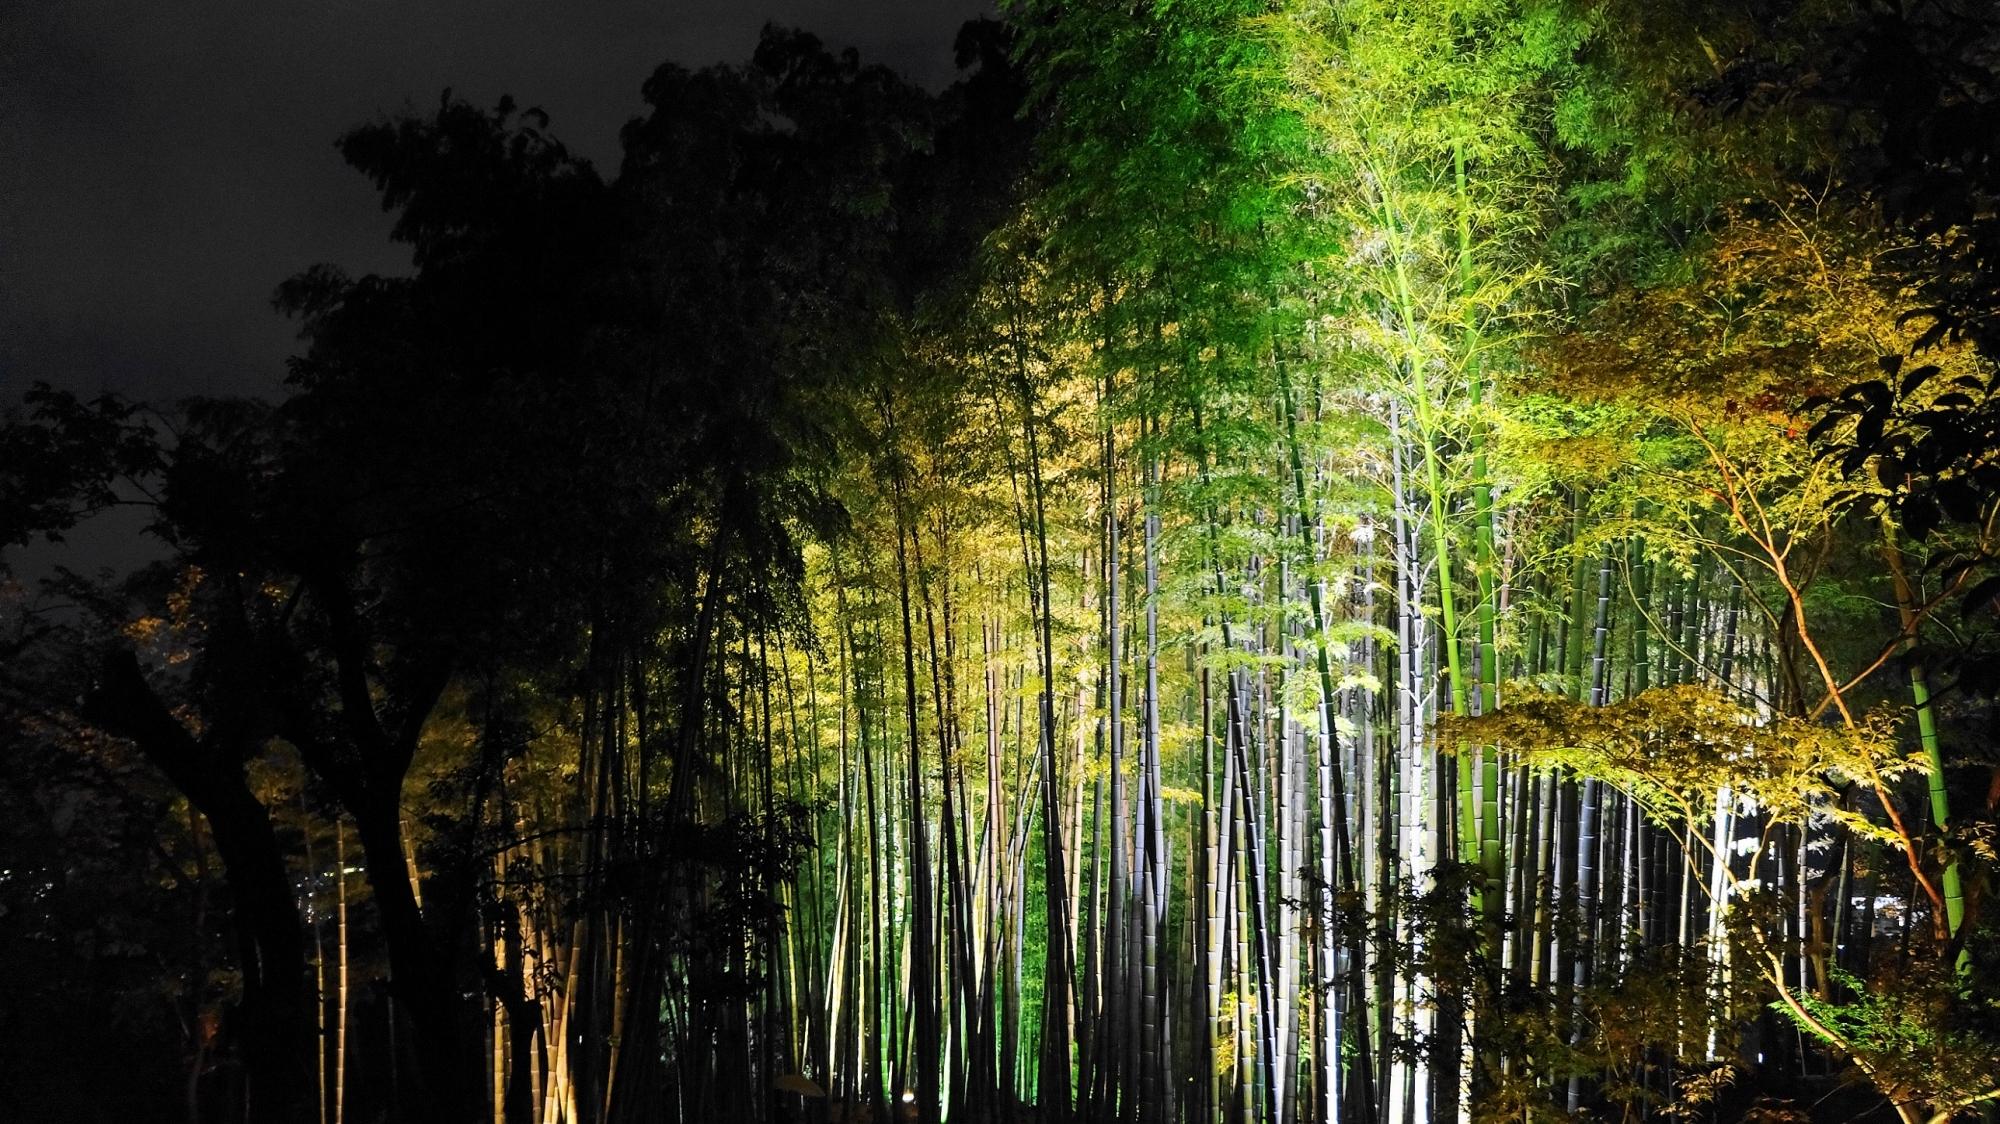 高台寺の竹林の優美なライトアップ